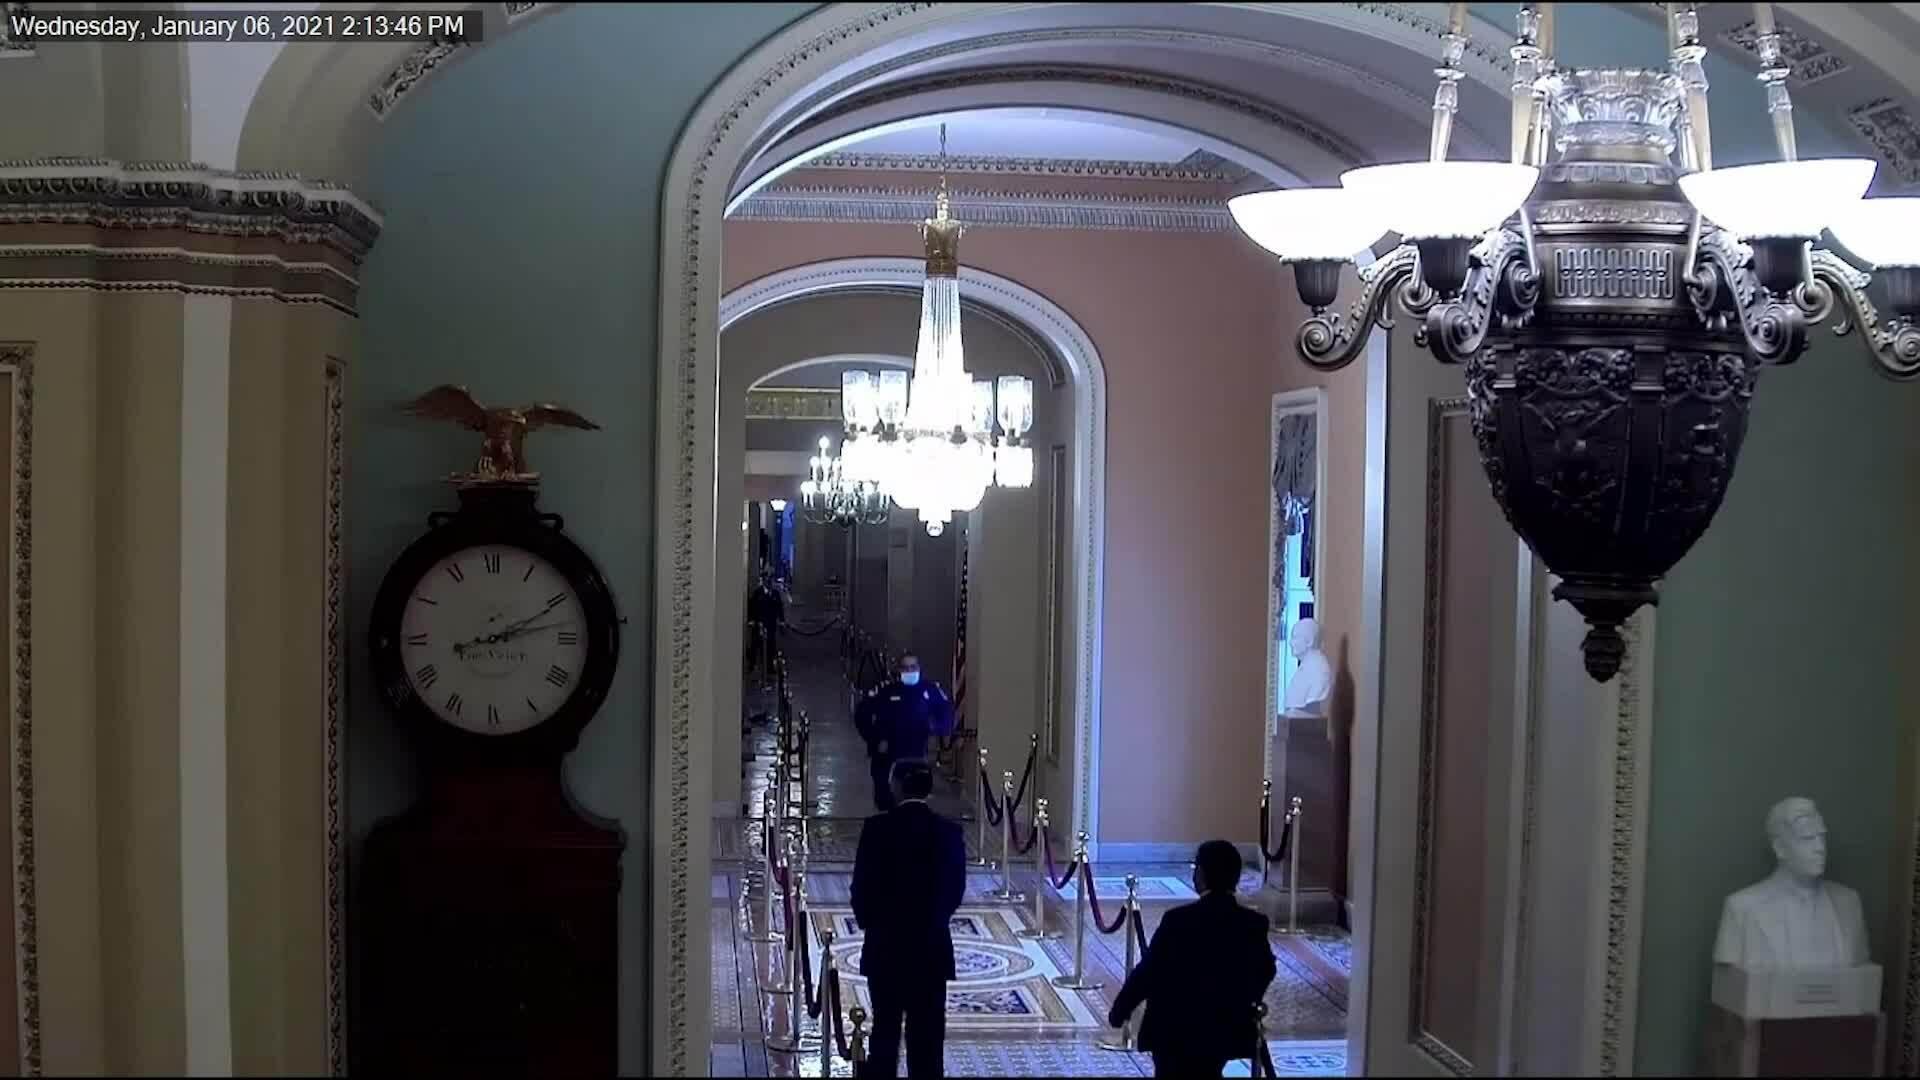 Công bố video người biểu tình 'săn lùng' nghị sĩ Mỹ